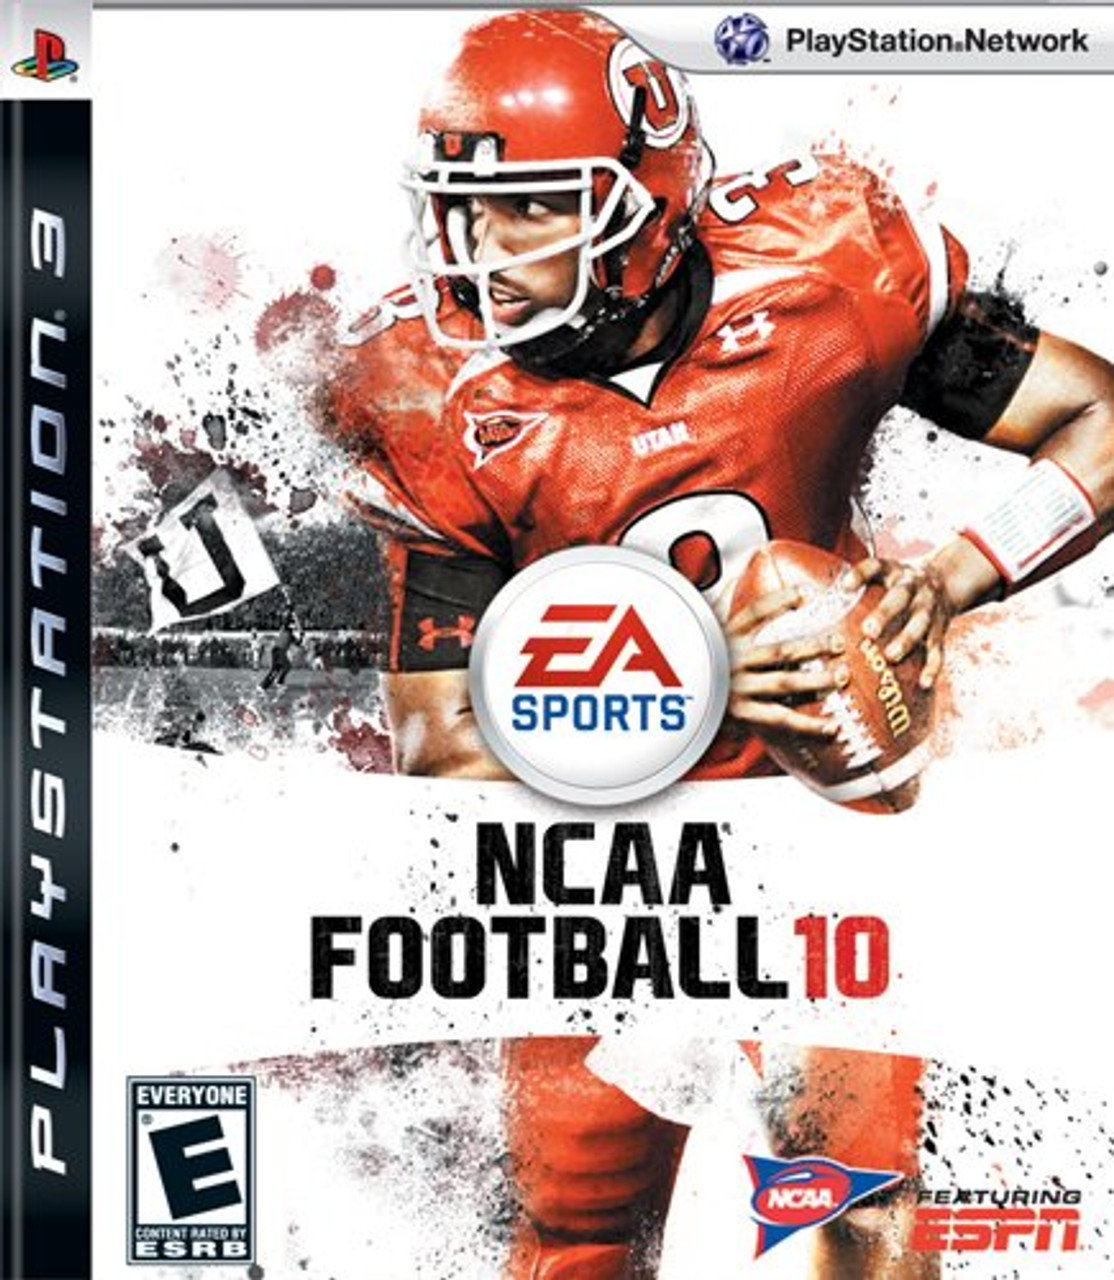 NCAA FOOTBALL 10  - PS3